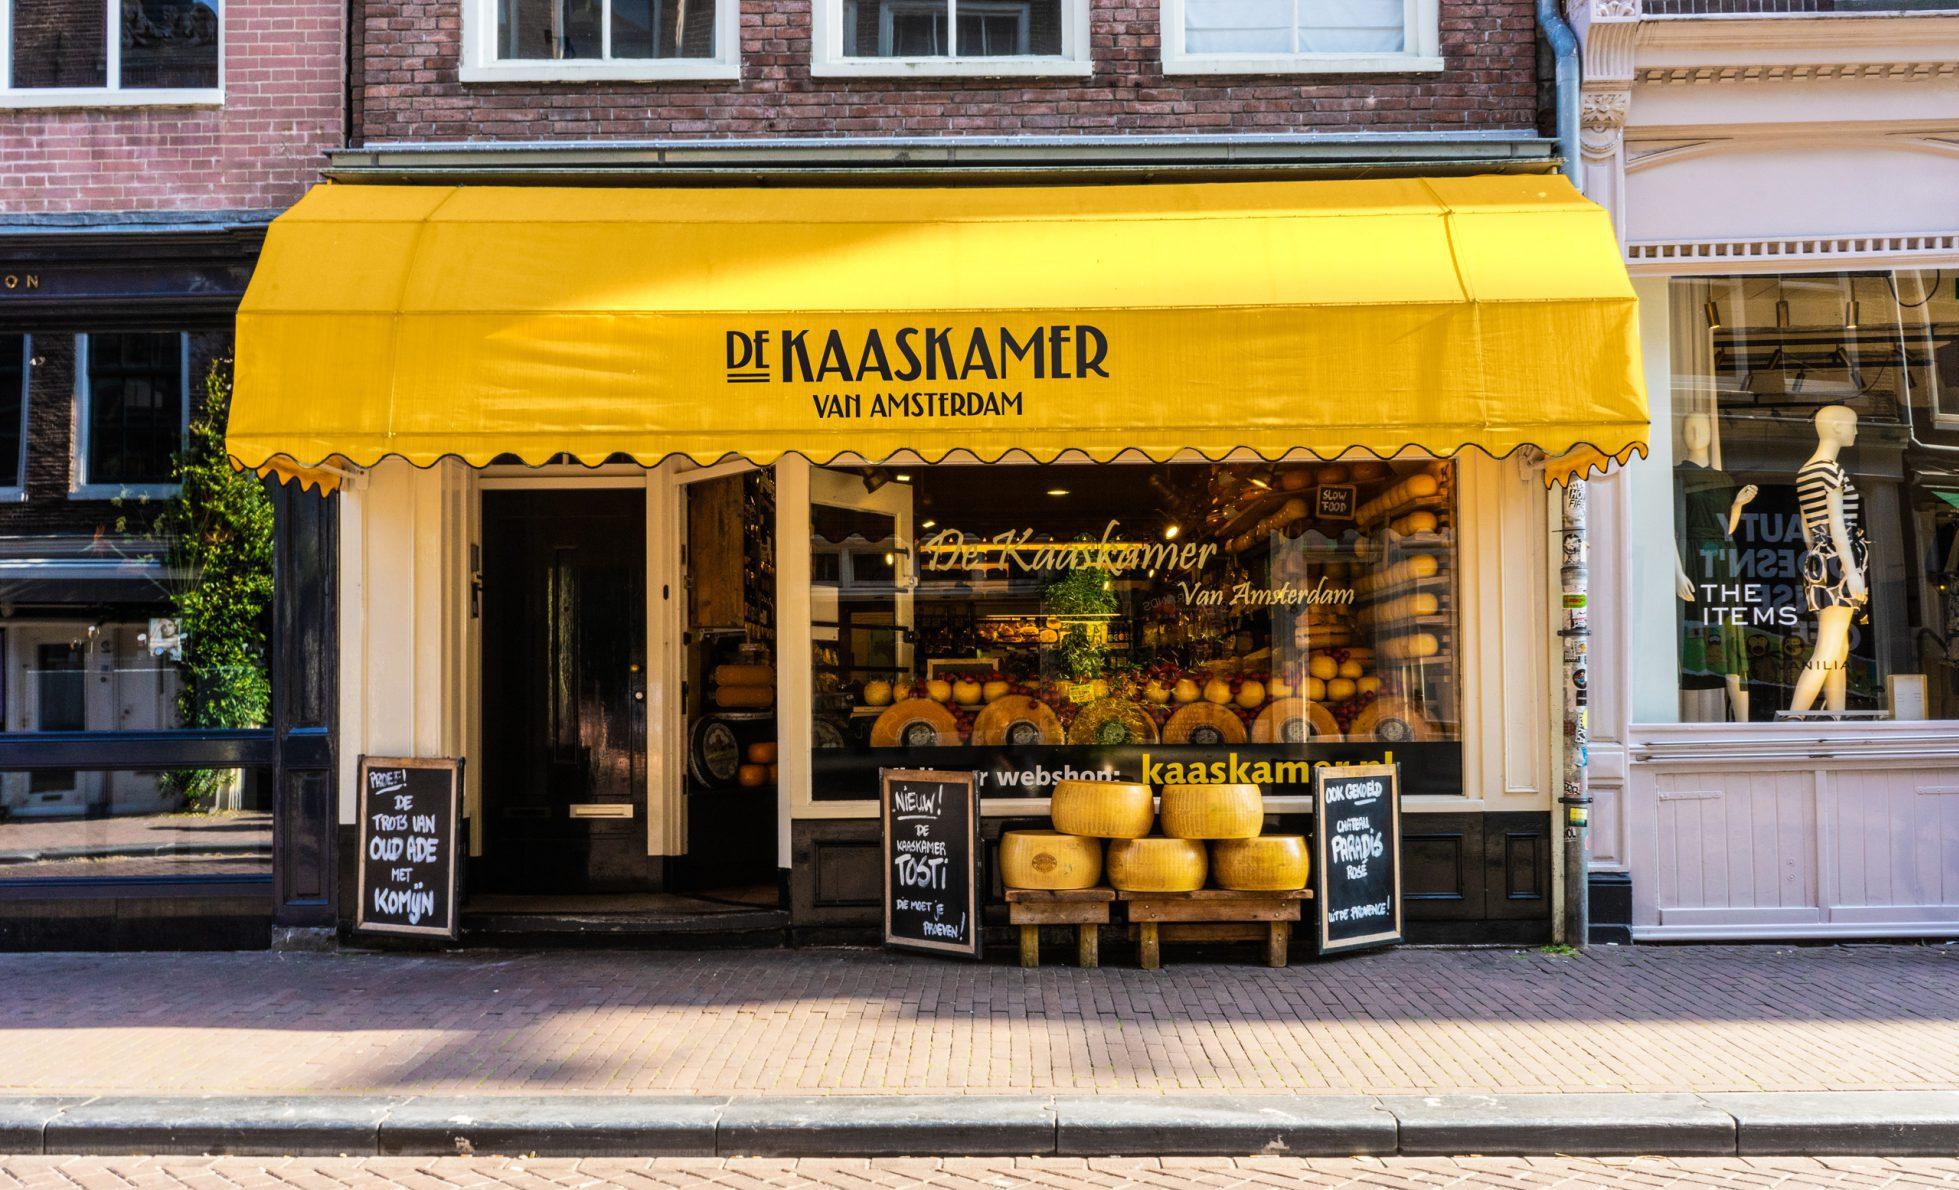 kaaskamer-amsterdam-cheese-winkel-runstraat